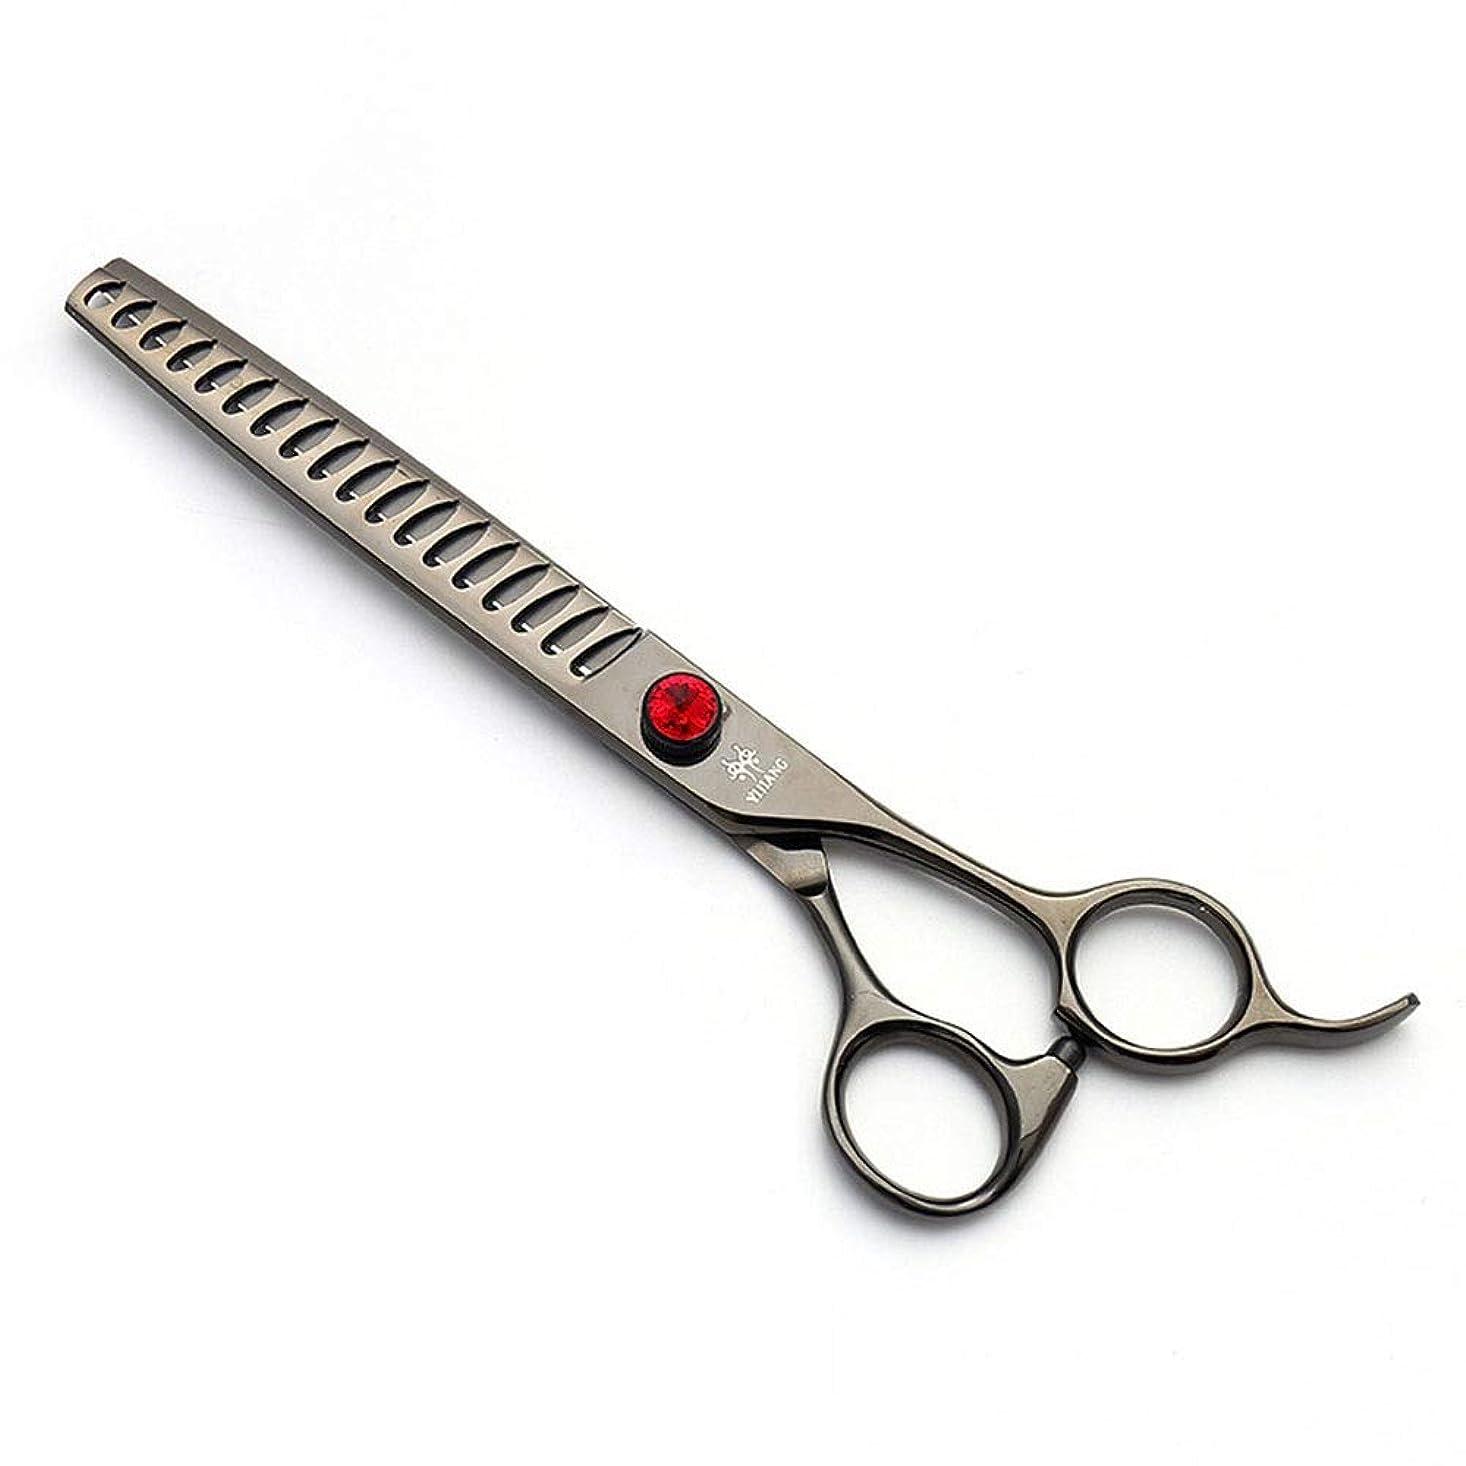 阻害する通路連鎖理髪用はさみ 7インチ18歯ペットはさみハイエンドステンレス鋼犬髪グルーミング美容はさみヘアカット鋏ステンレス理髪はさみ (色 : 黒)